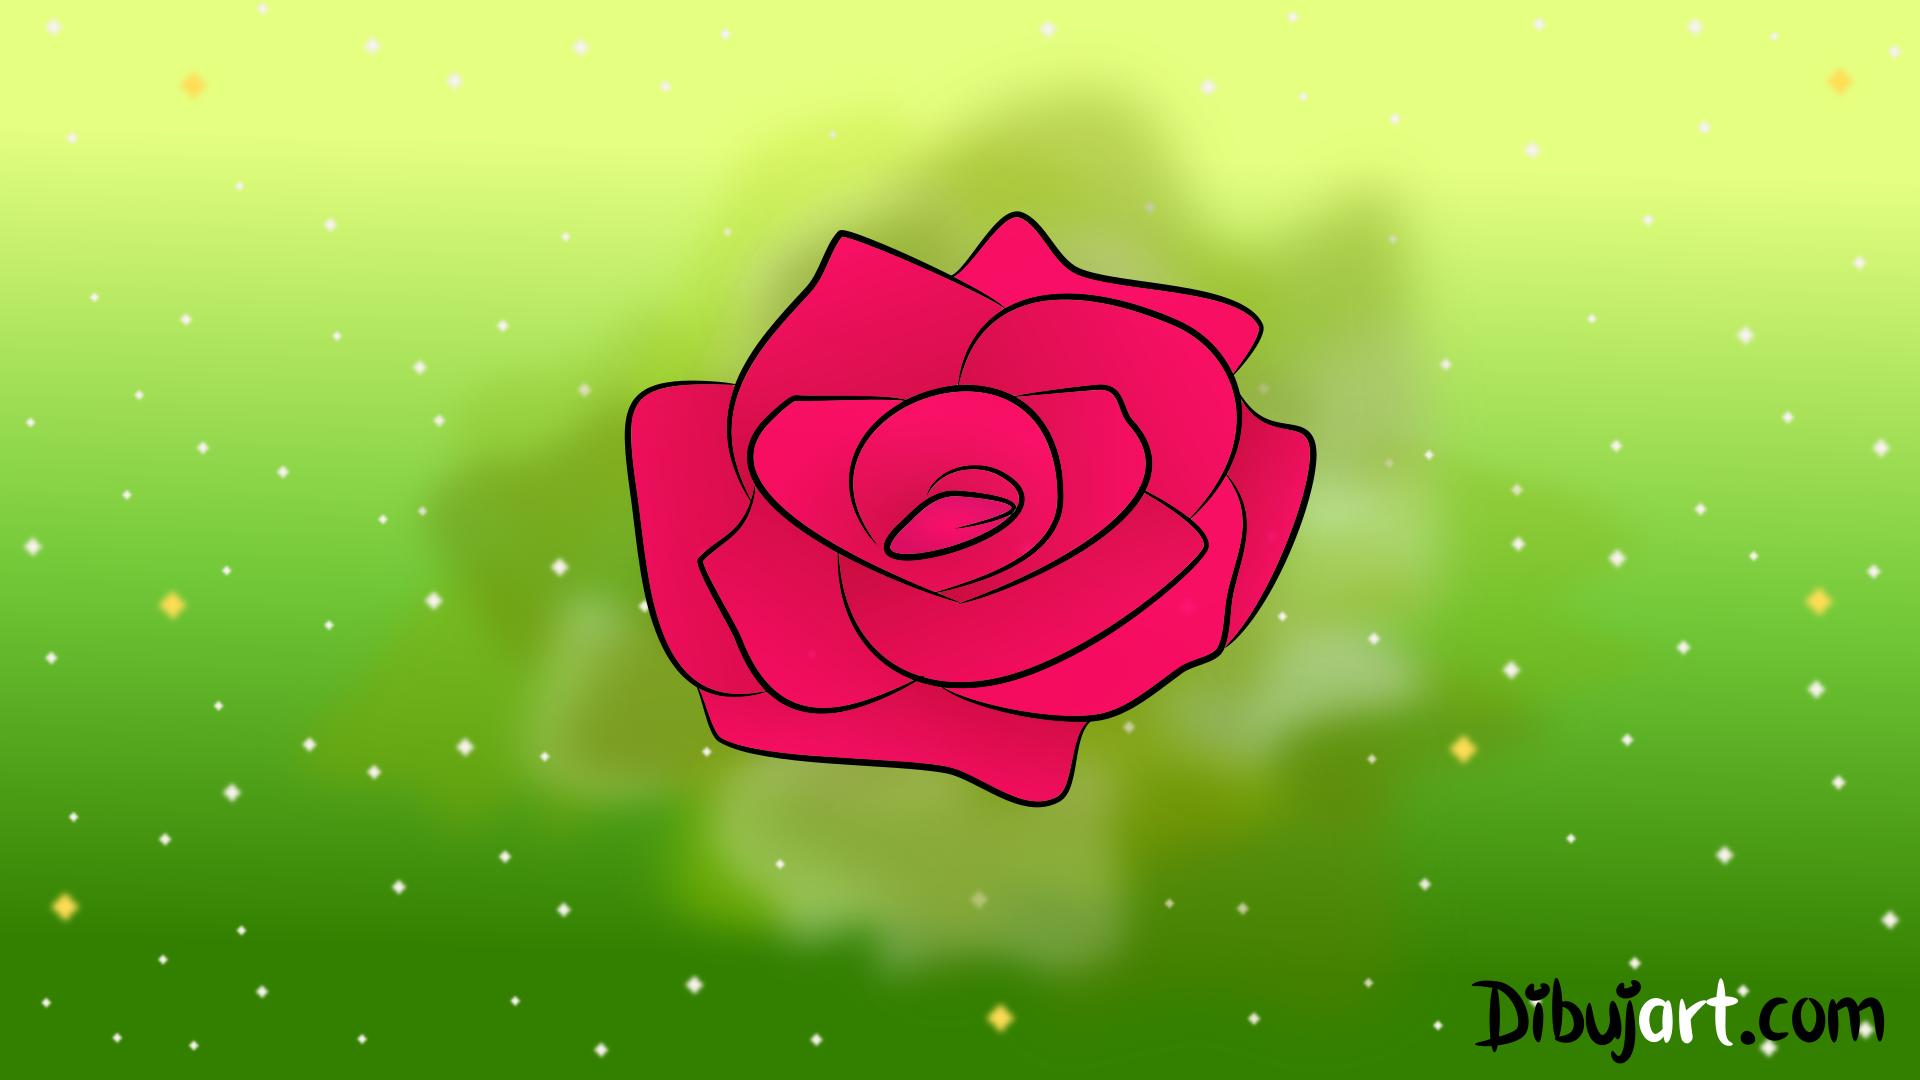 Cómo dibujar una Rosa sencilla y fácil #6 - Serie de dibujos de ...